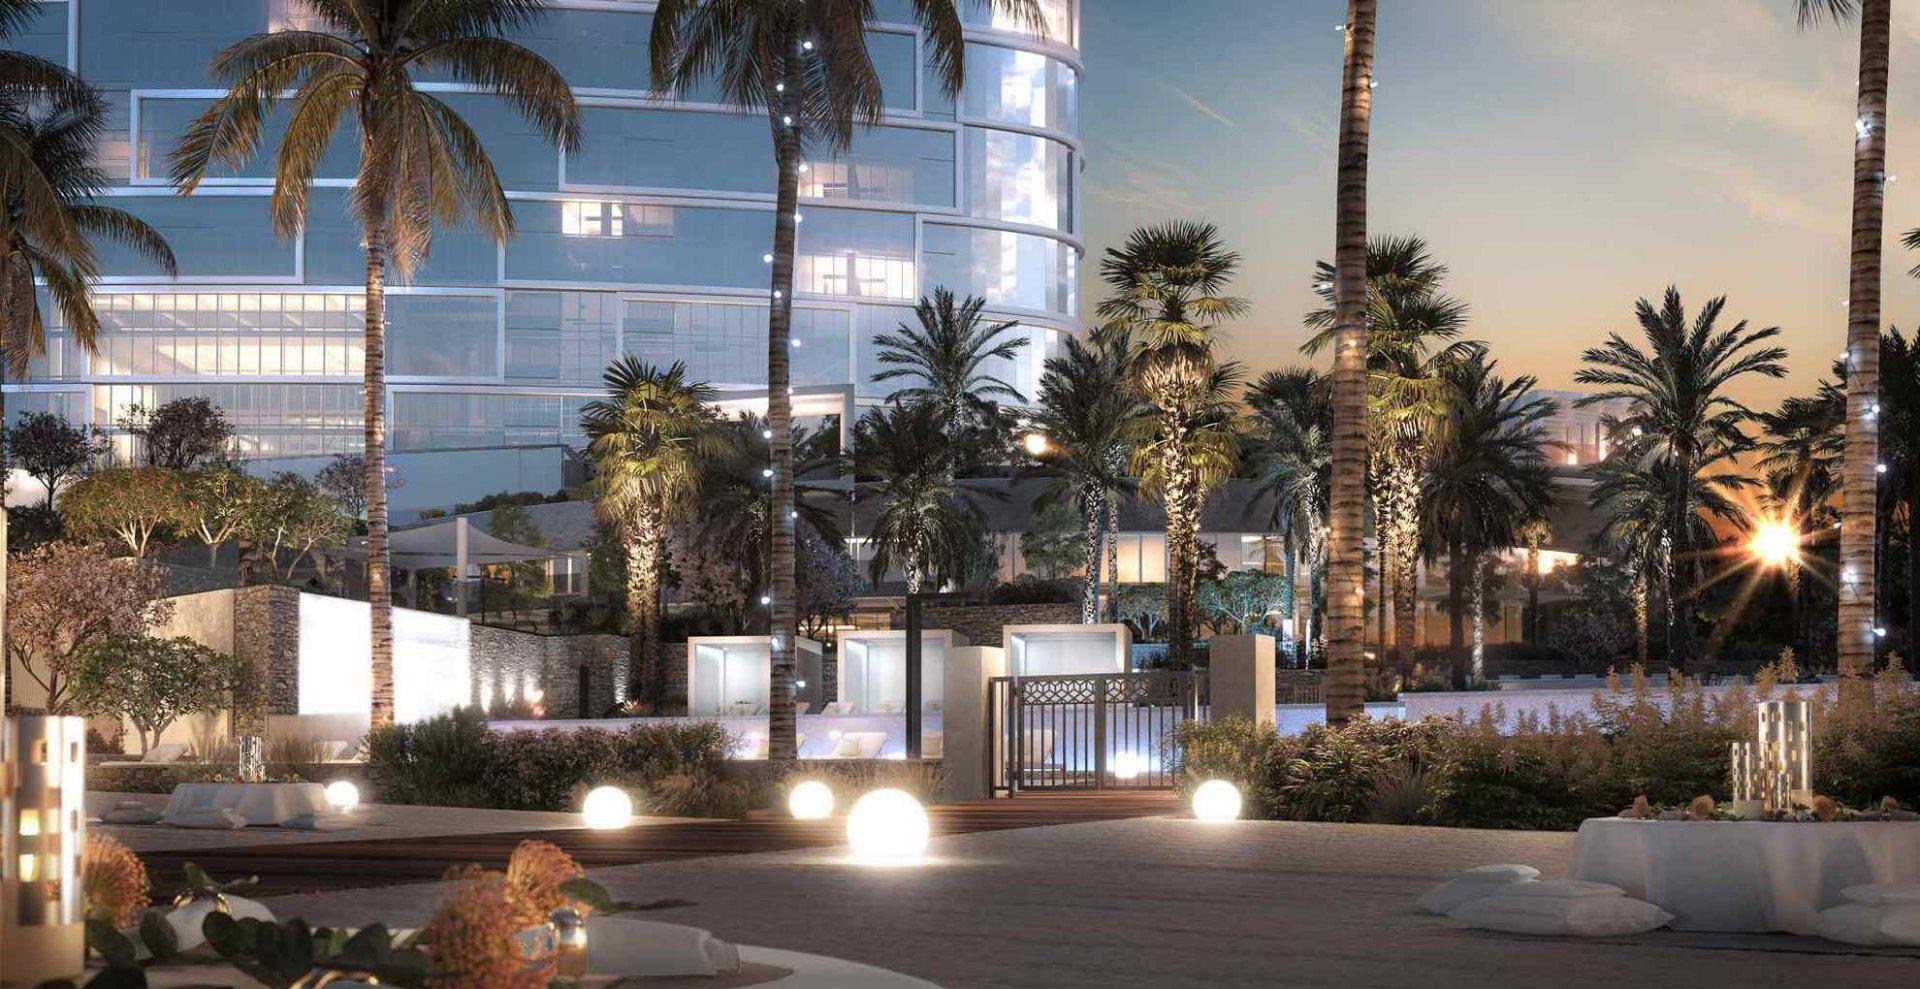 Apartment for sale in Dubai, UAE, 5 bedrooms, 466 m2, No. 23886 – photo 3